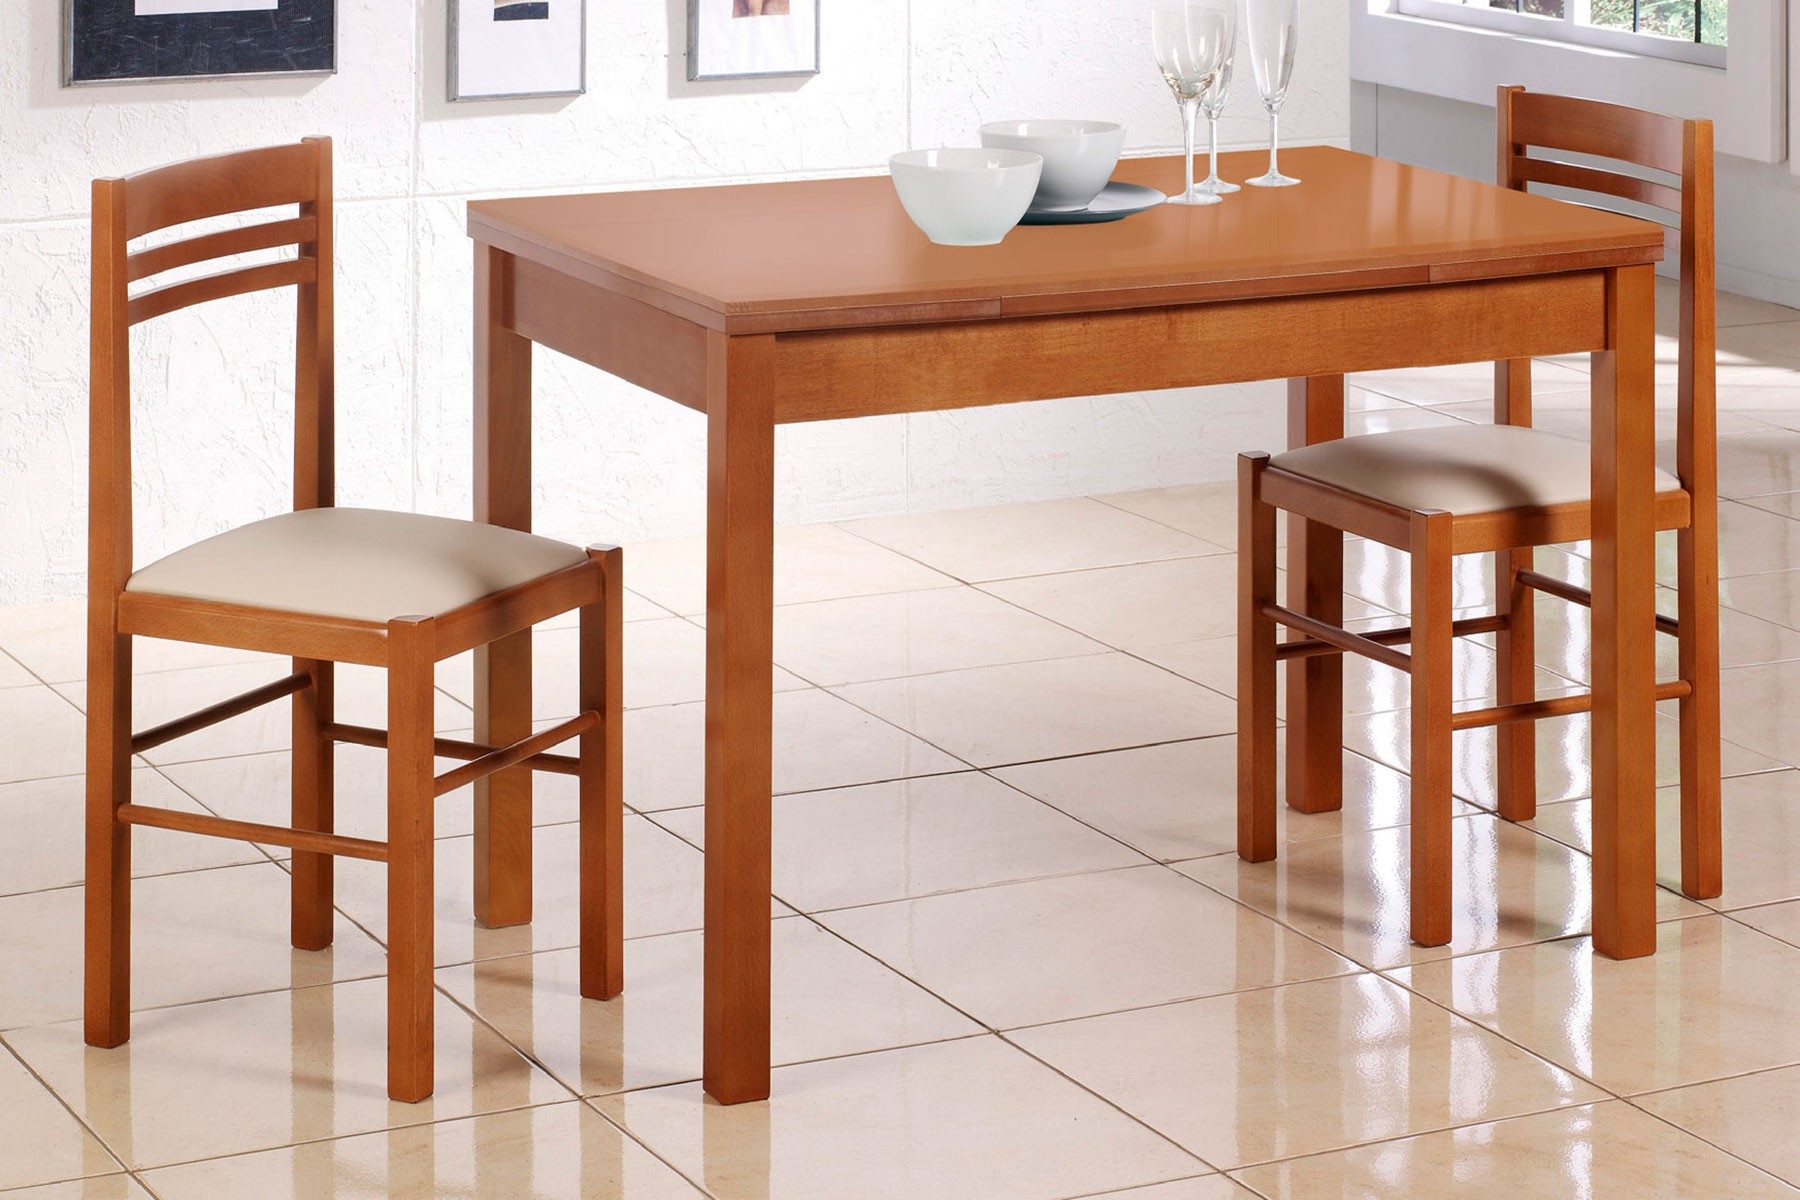 Mesa de cocina extensible en madera de cristal modelo Naranja